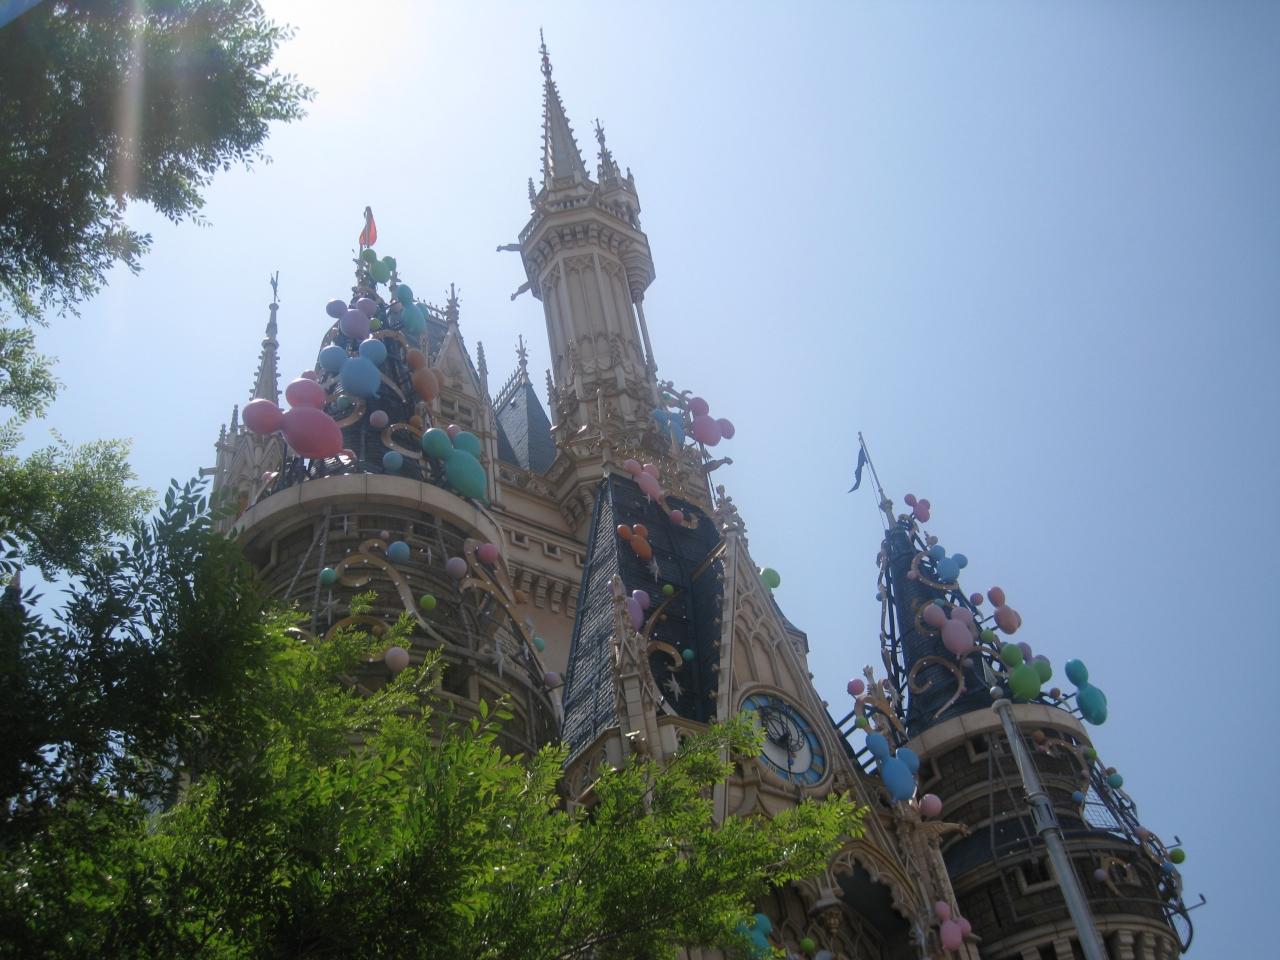 ディズニーランドホテル+30周年のディズニーランド♪』東京